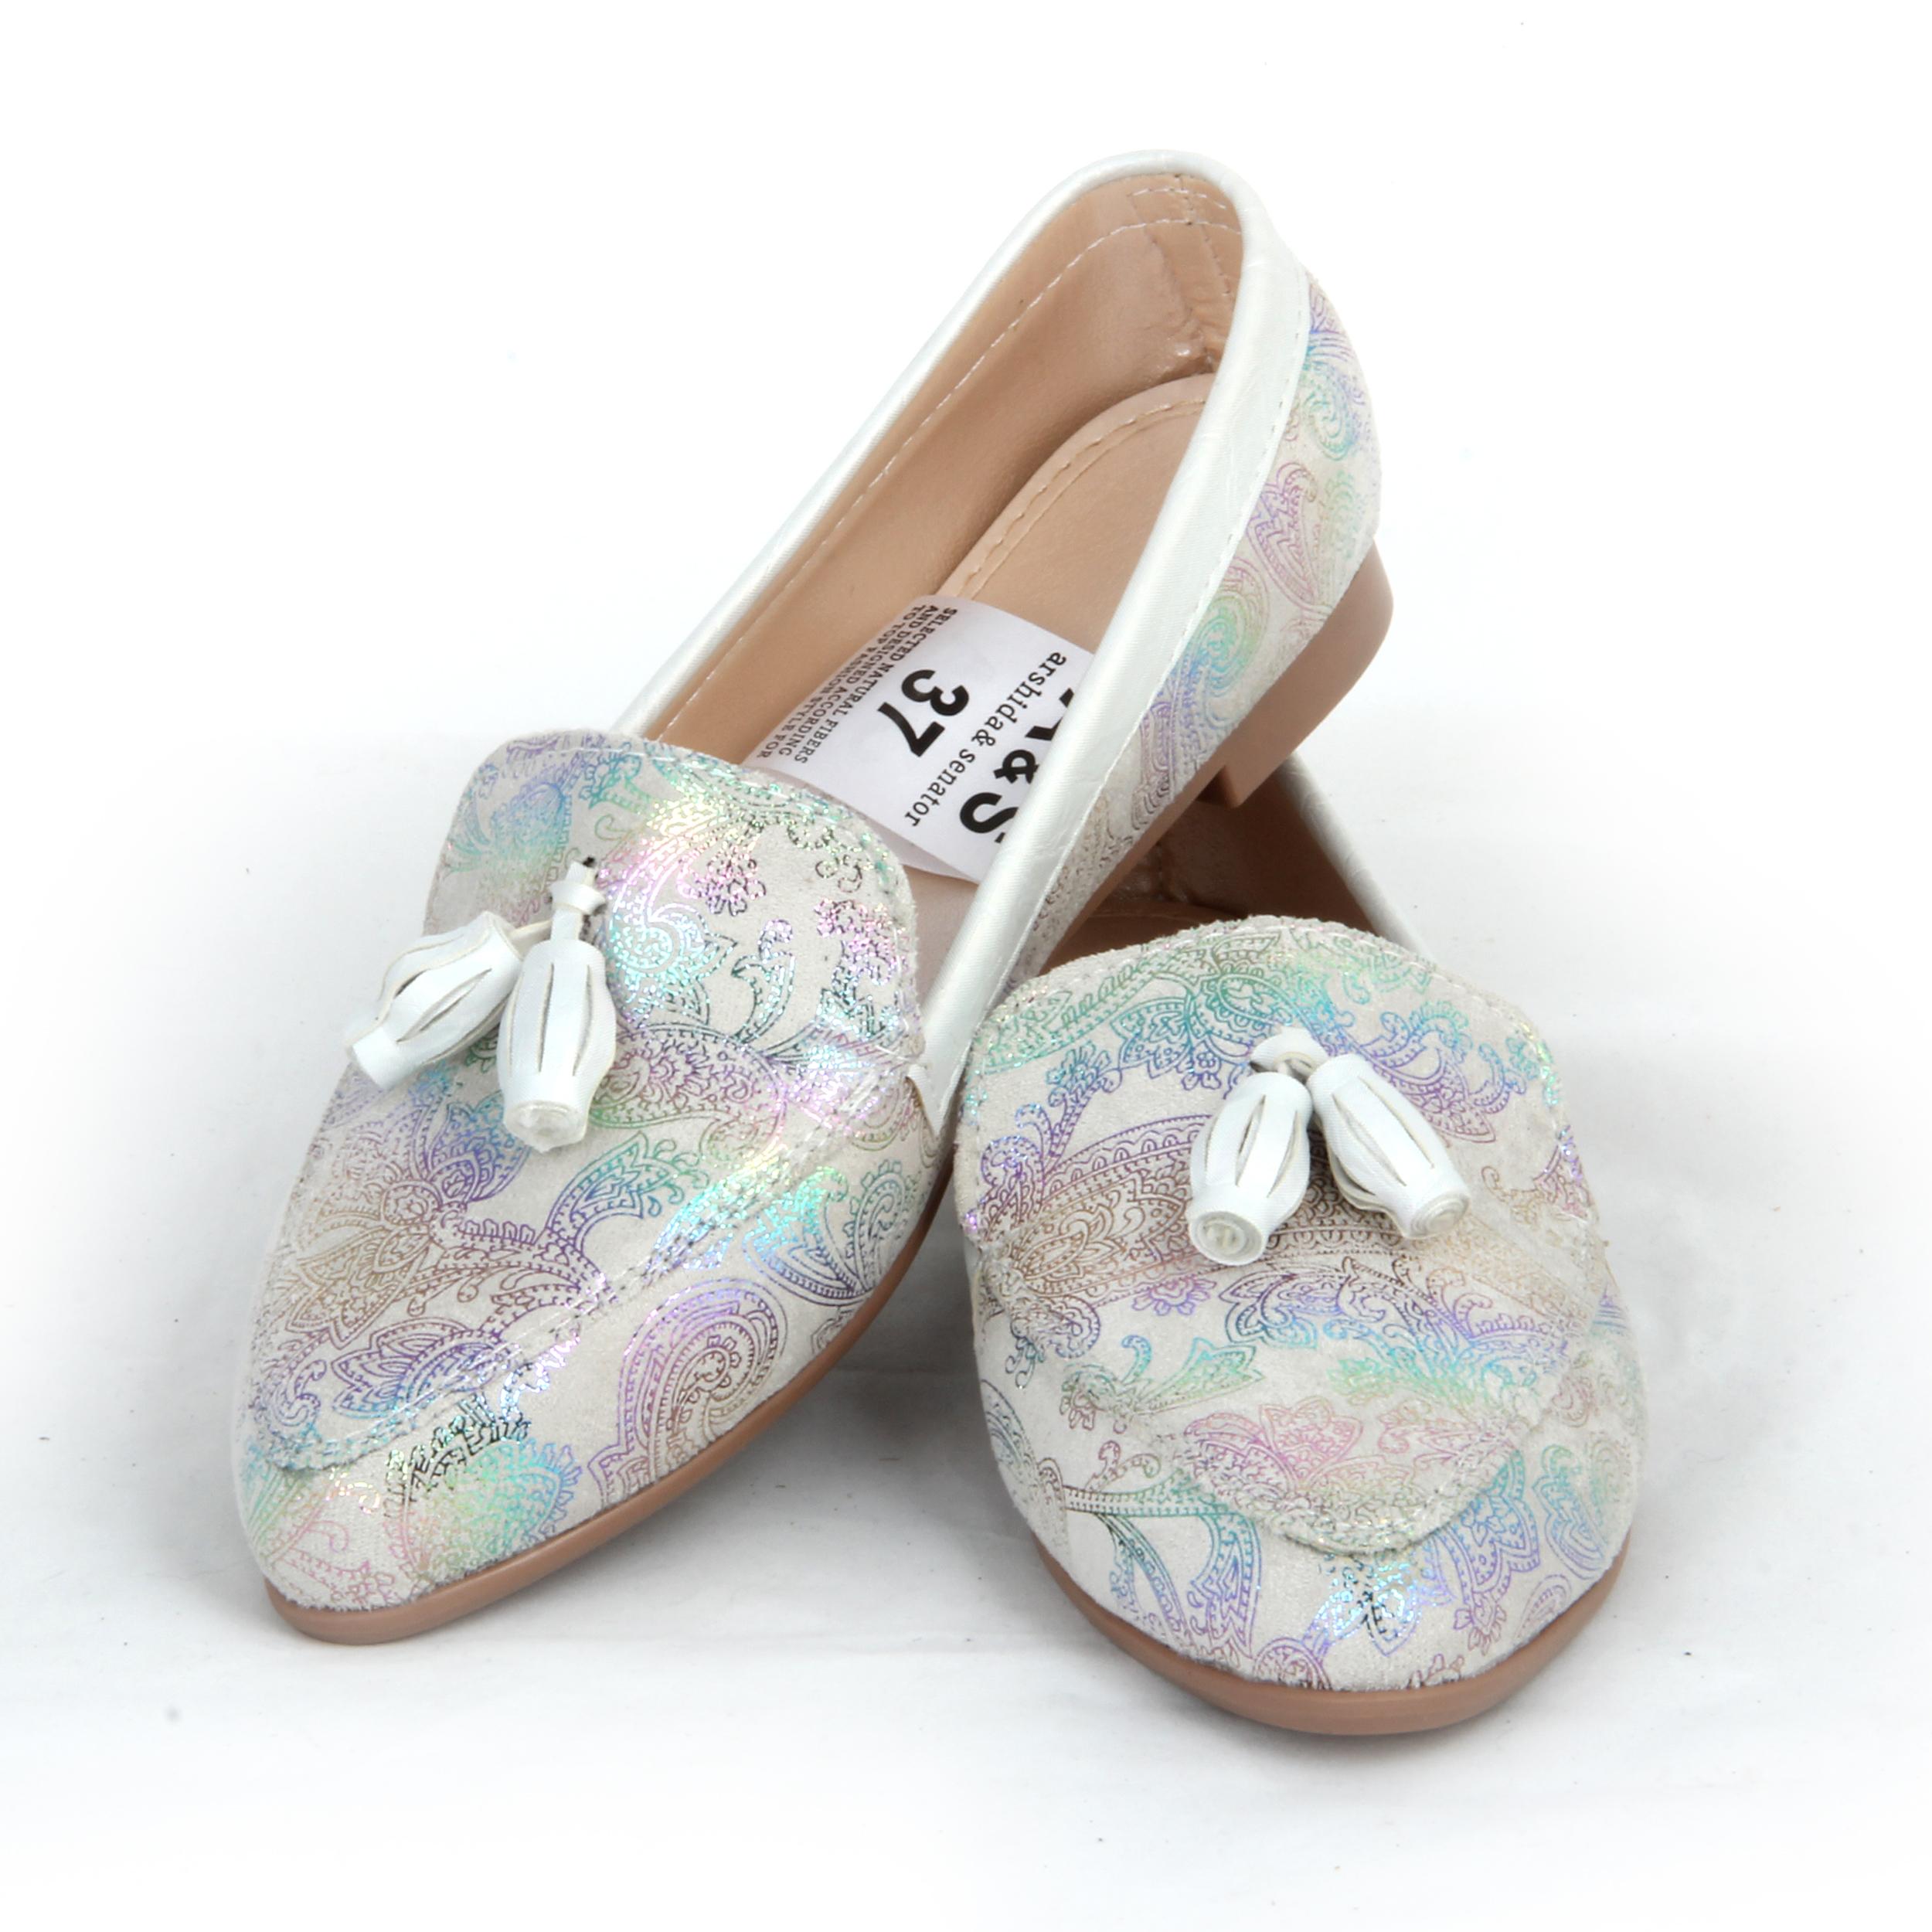 ست کیف و کفش زنانه کد st214 main 1 8